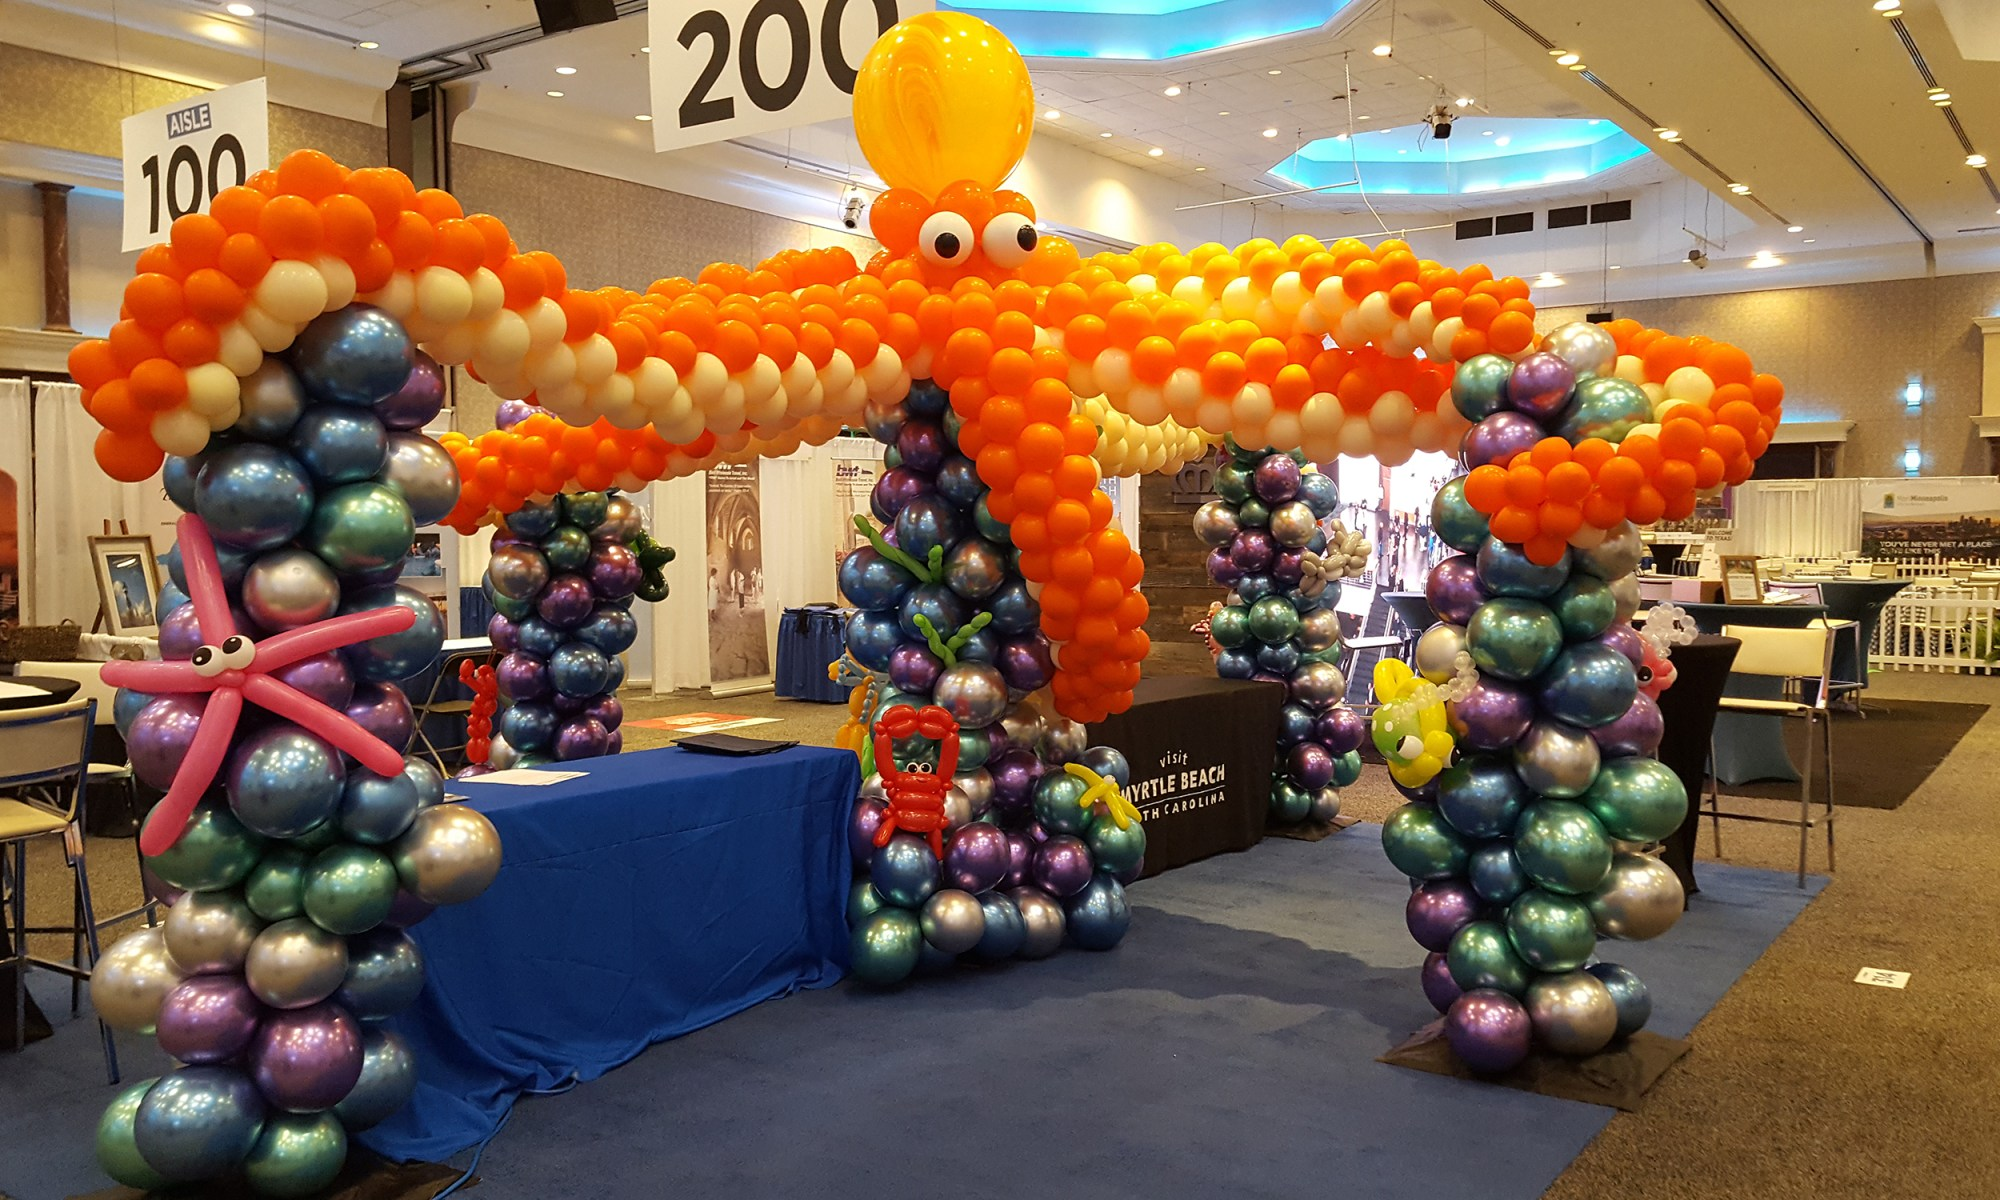 Octopus - Trade Show Booth Decor - Balloonopolis, Columbia, South Carolina